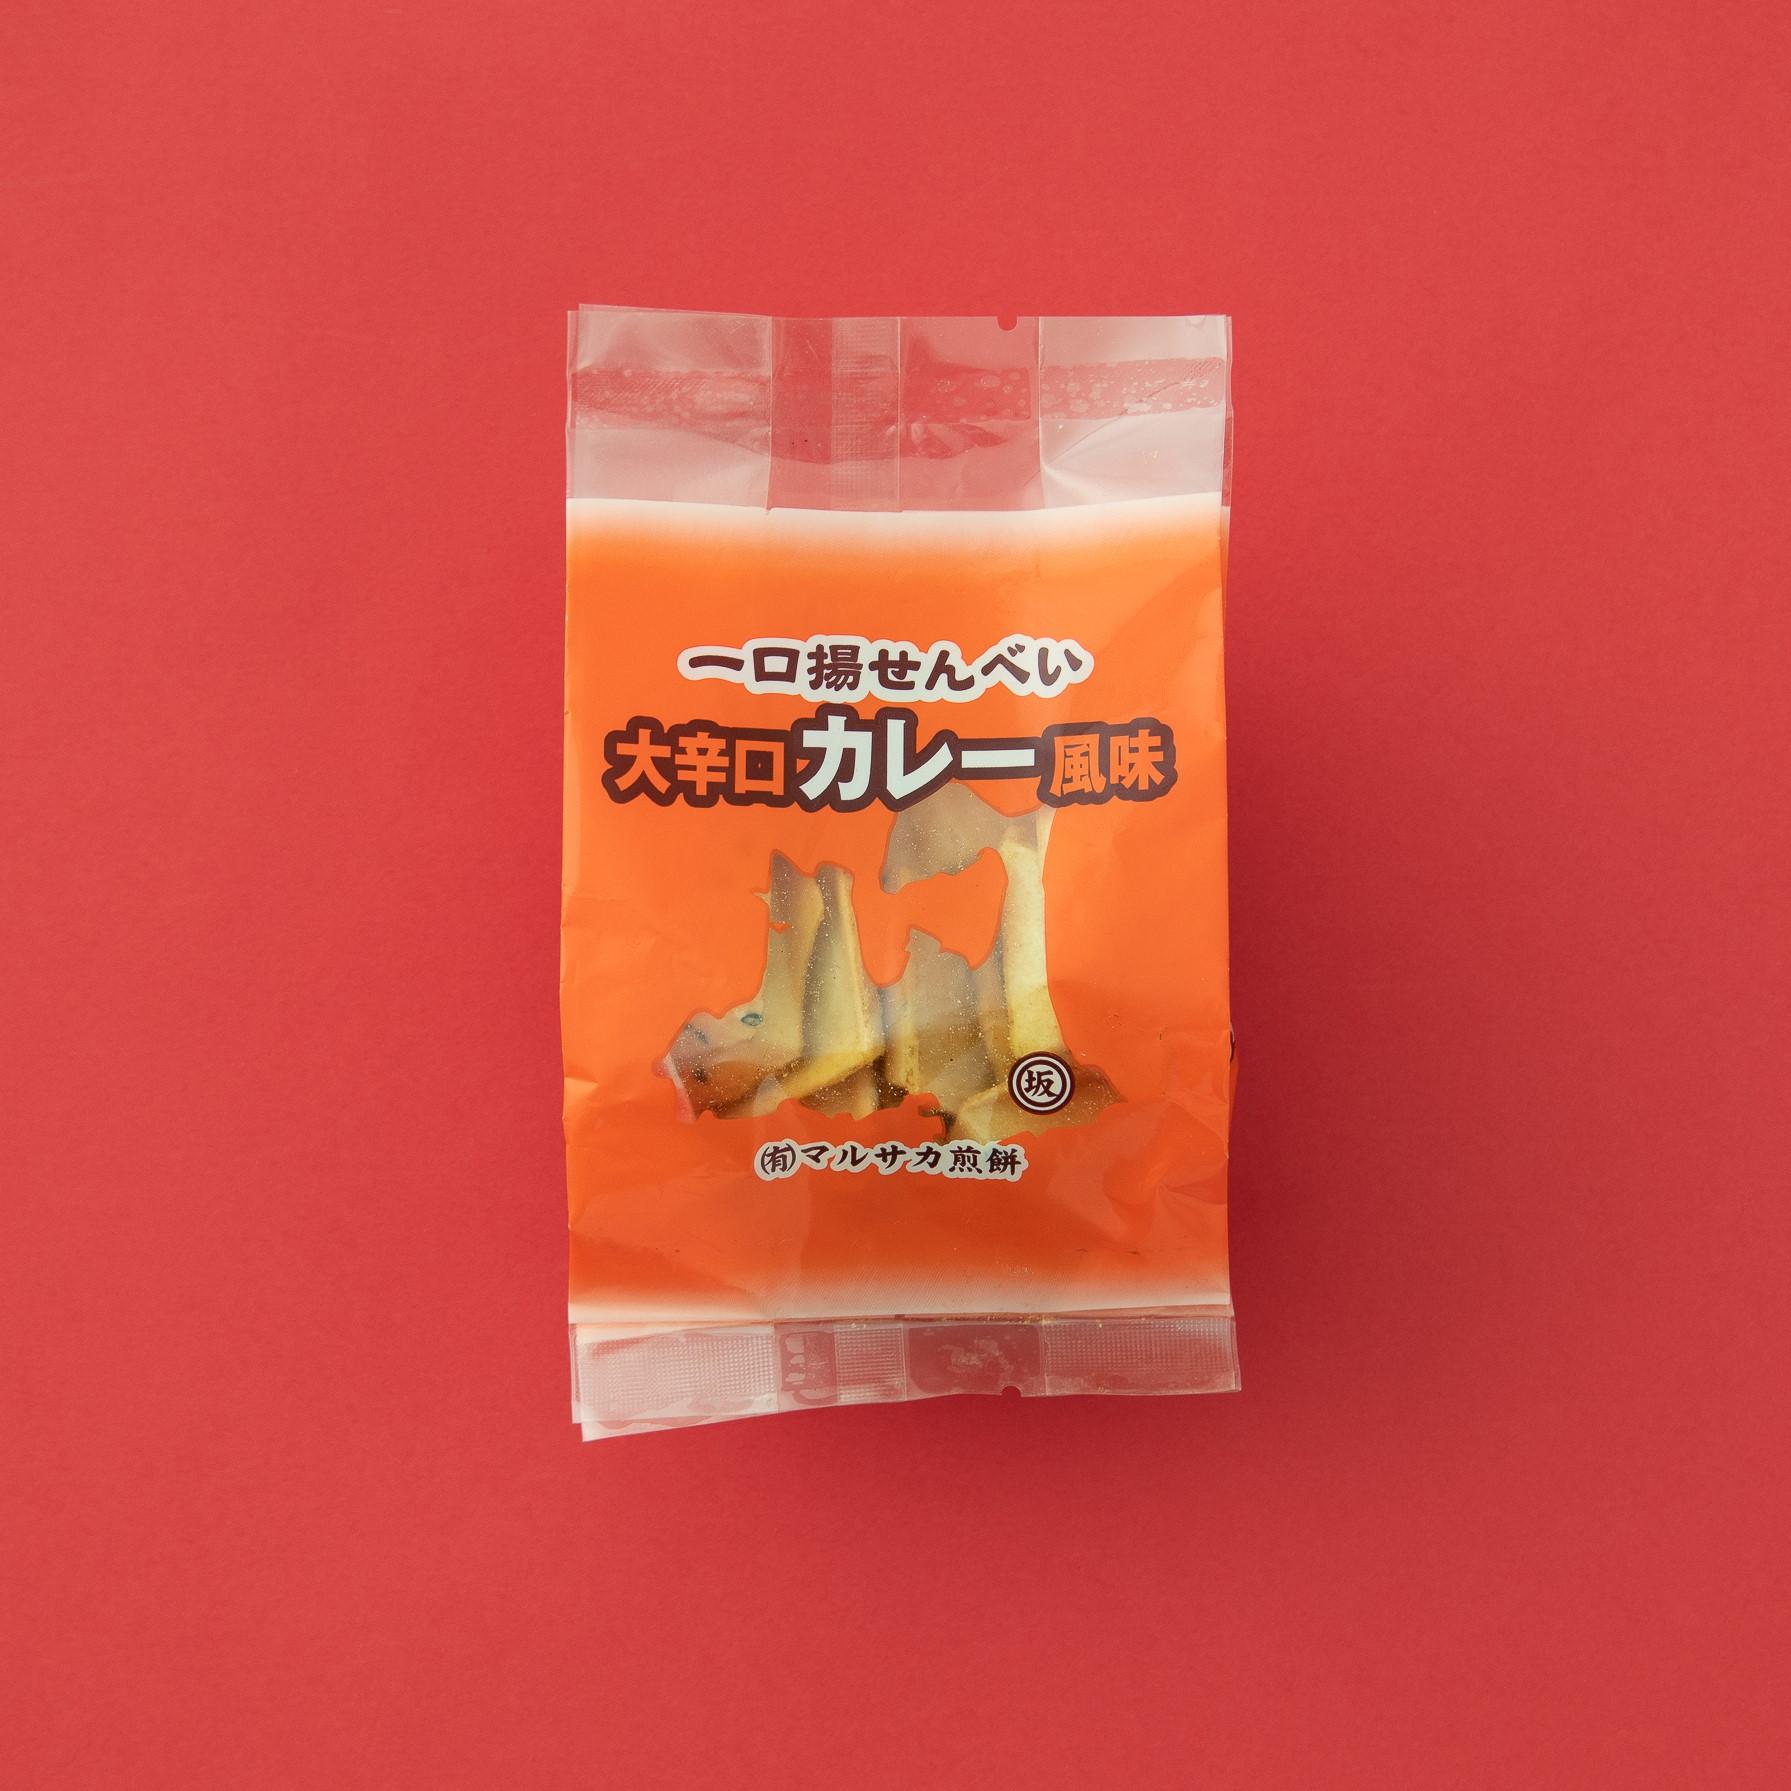 一口揚せんべい/大辛口カレー風味